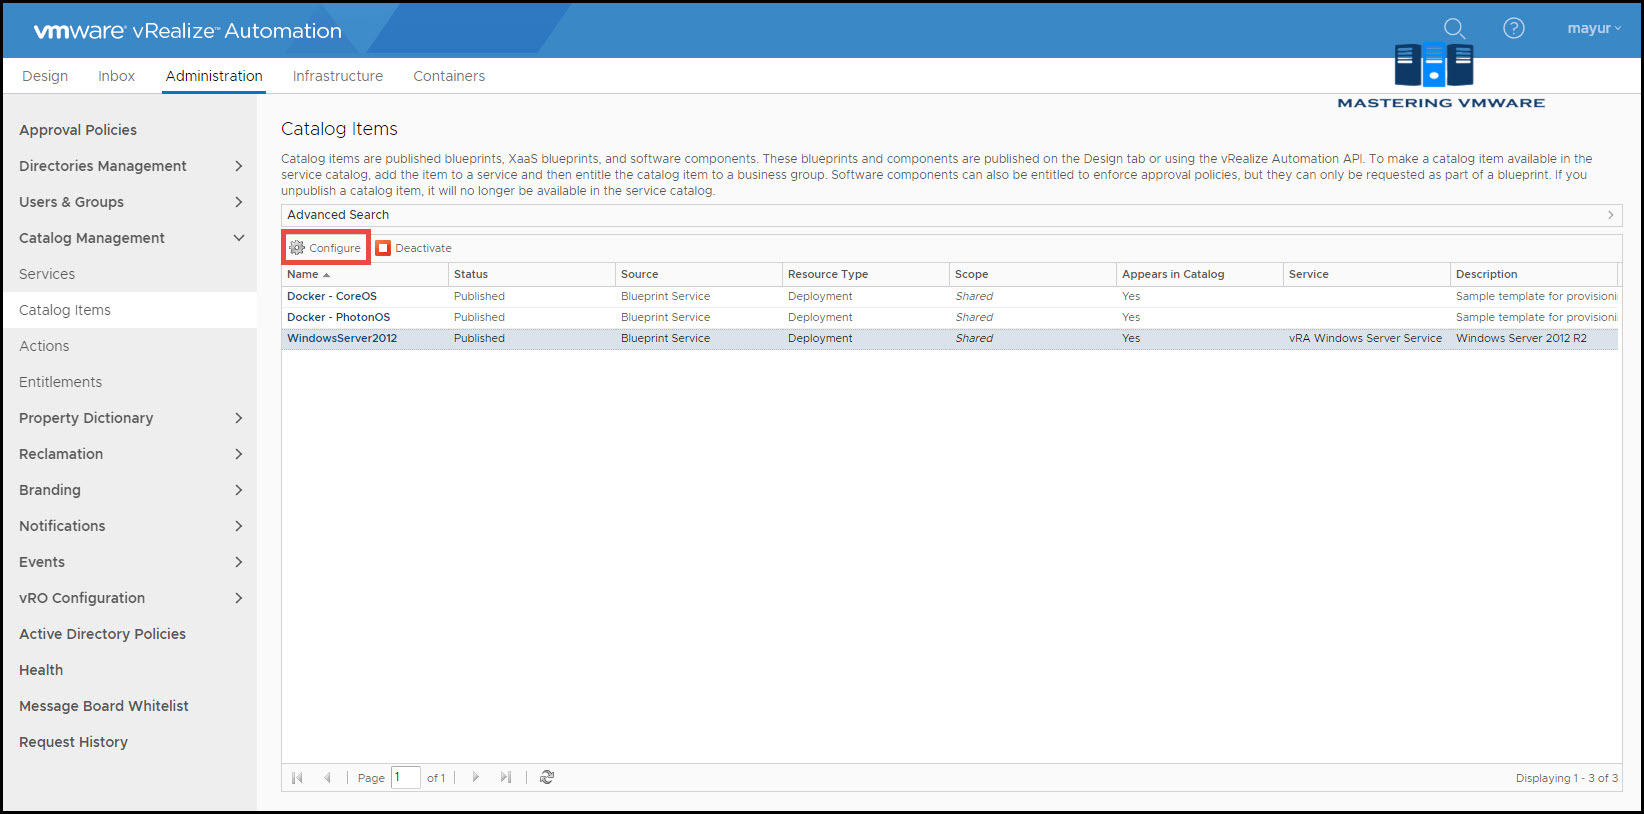 configure catalog items in vra